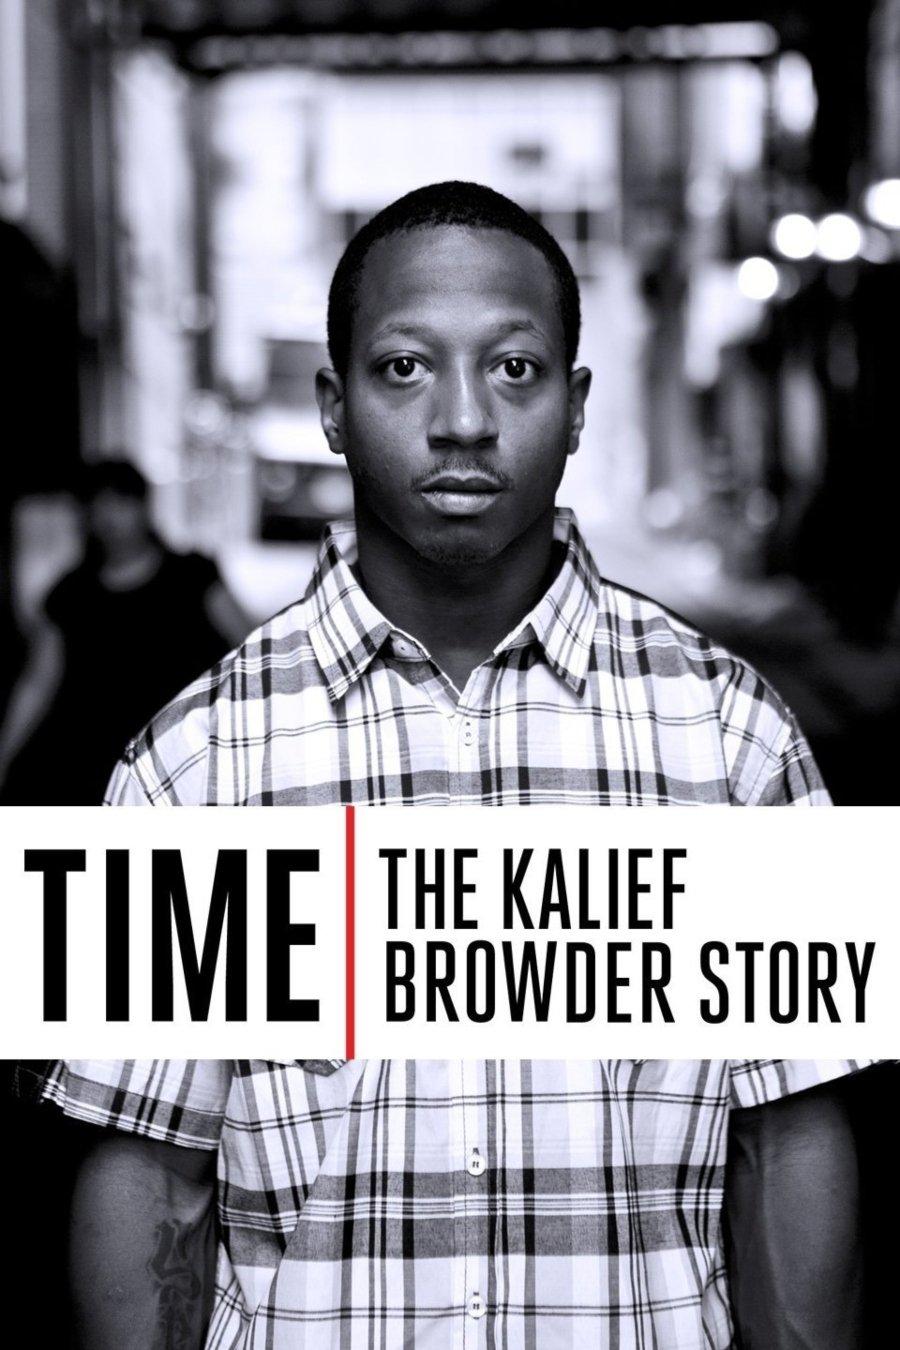 Documentales sobre el racismo / The Kalief Browder Story